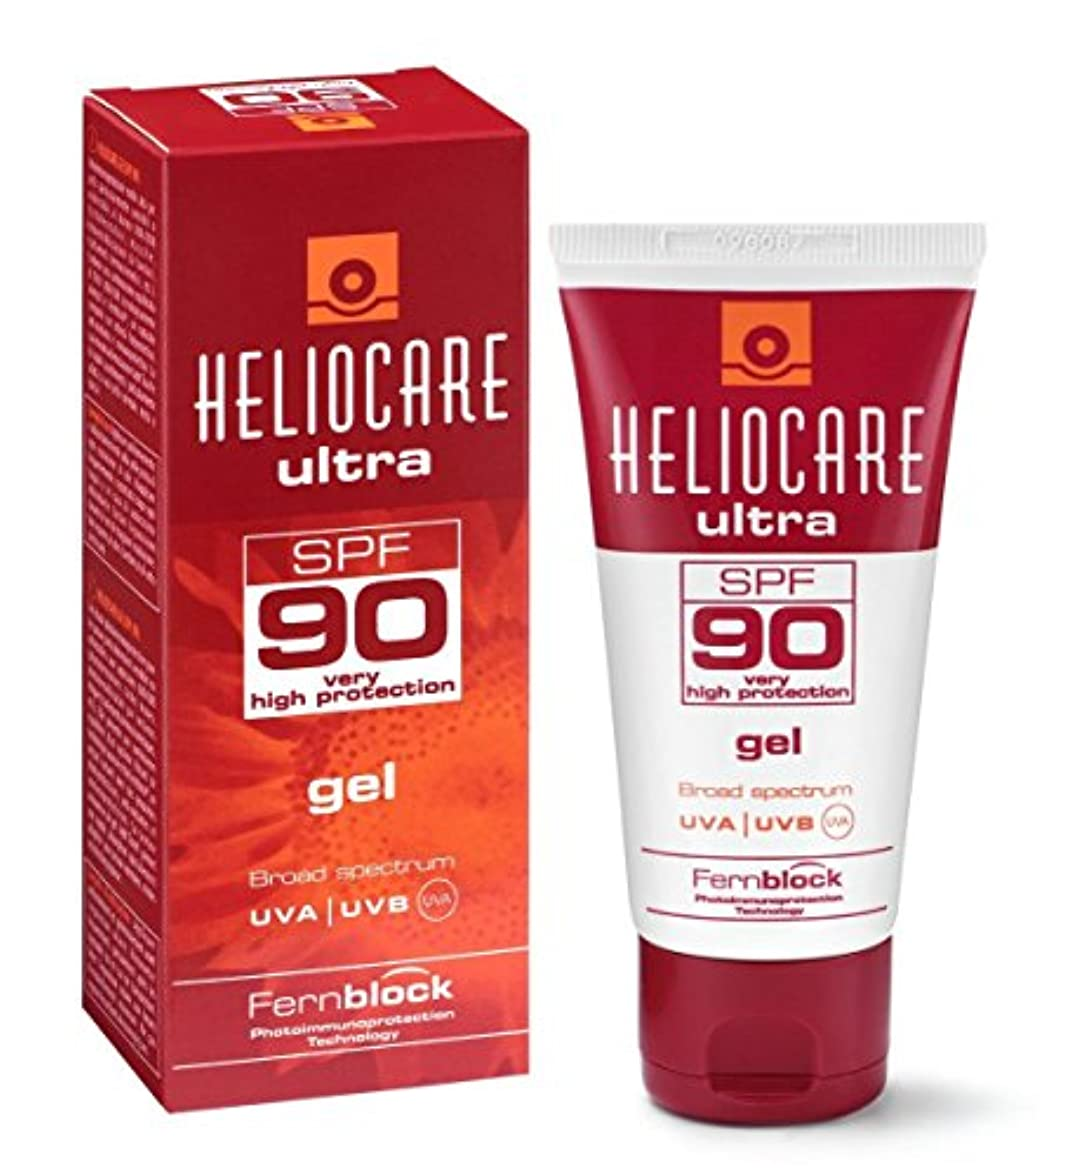 和解する拘束専門化するHeliocare ヘリオケア サンスクリーン SPF90 ジェルタイプ50ml